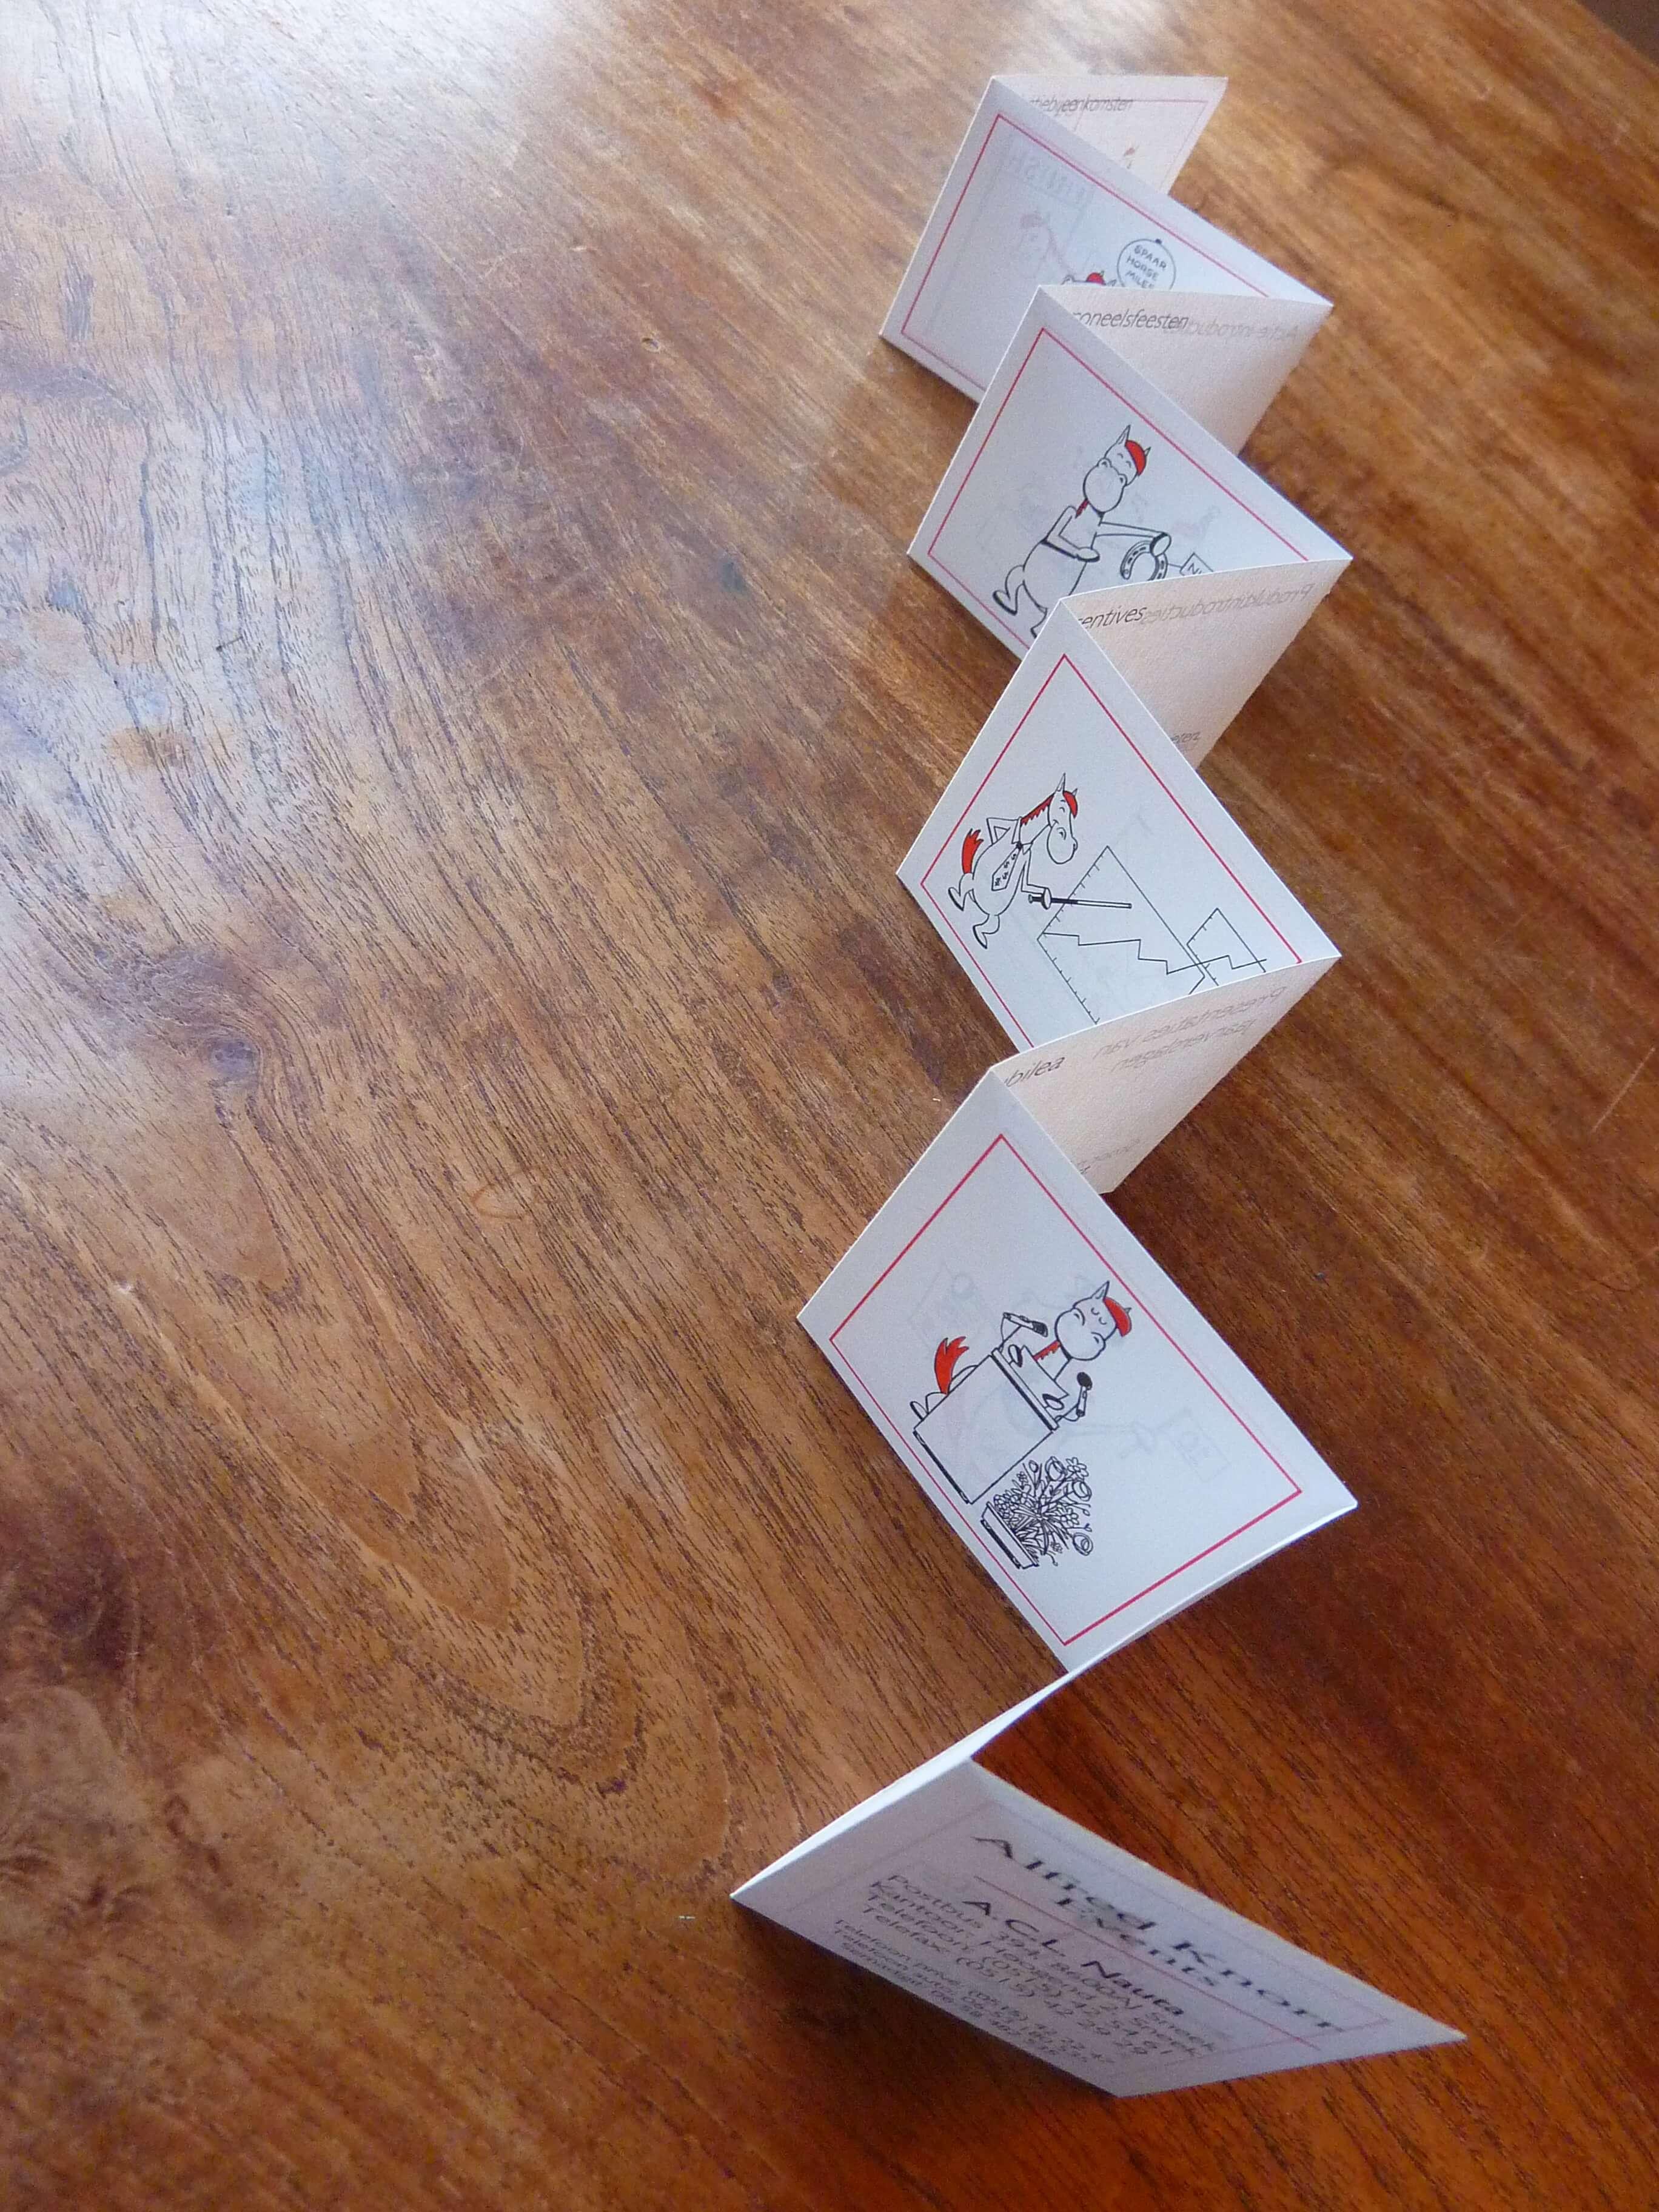 Wereldrecord: langste visitekaartje